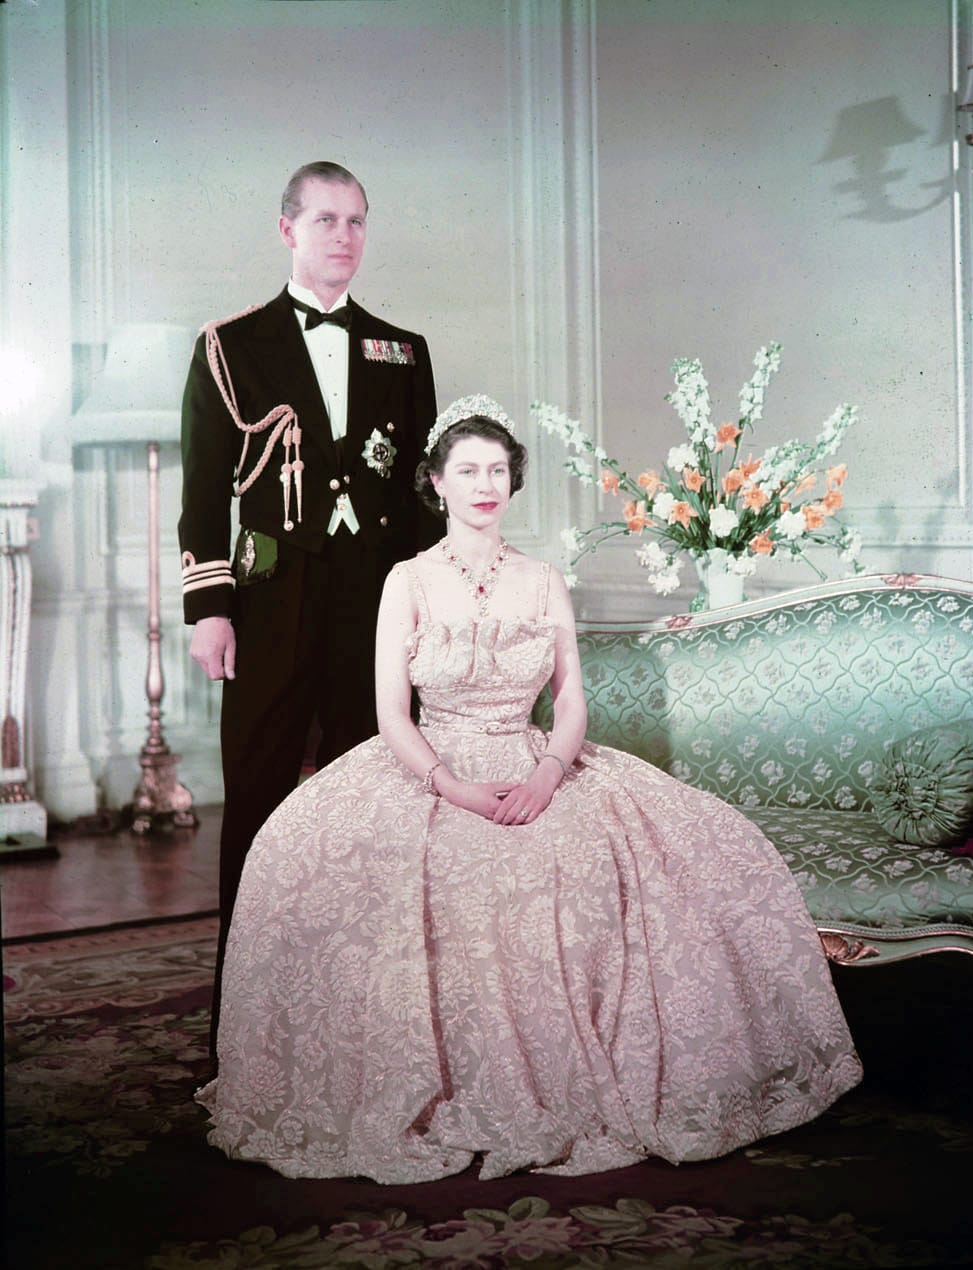 mariage prince philippe reine elizabeth